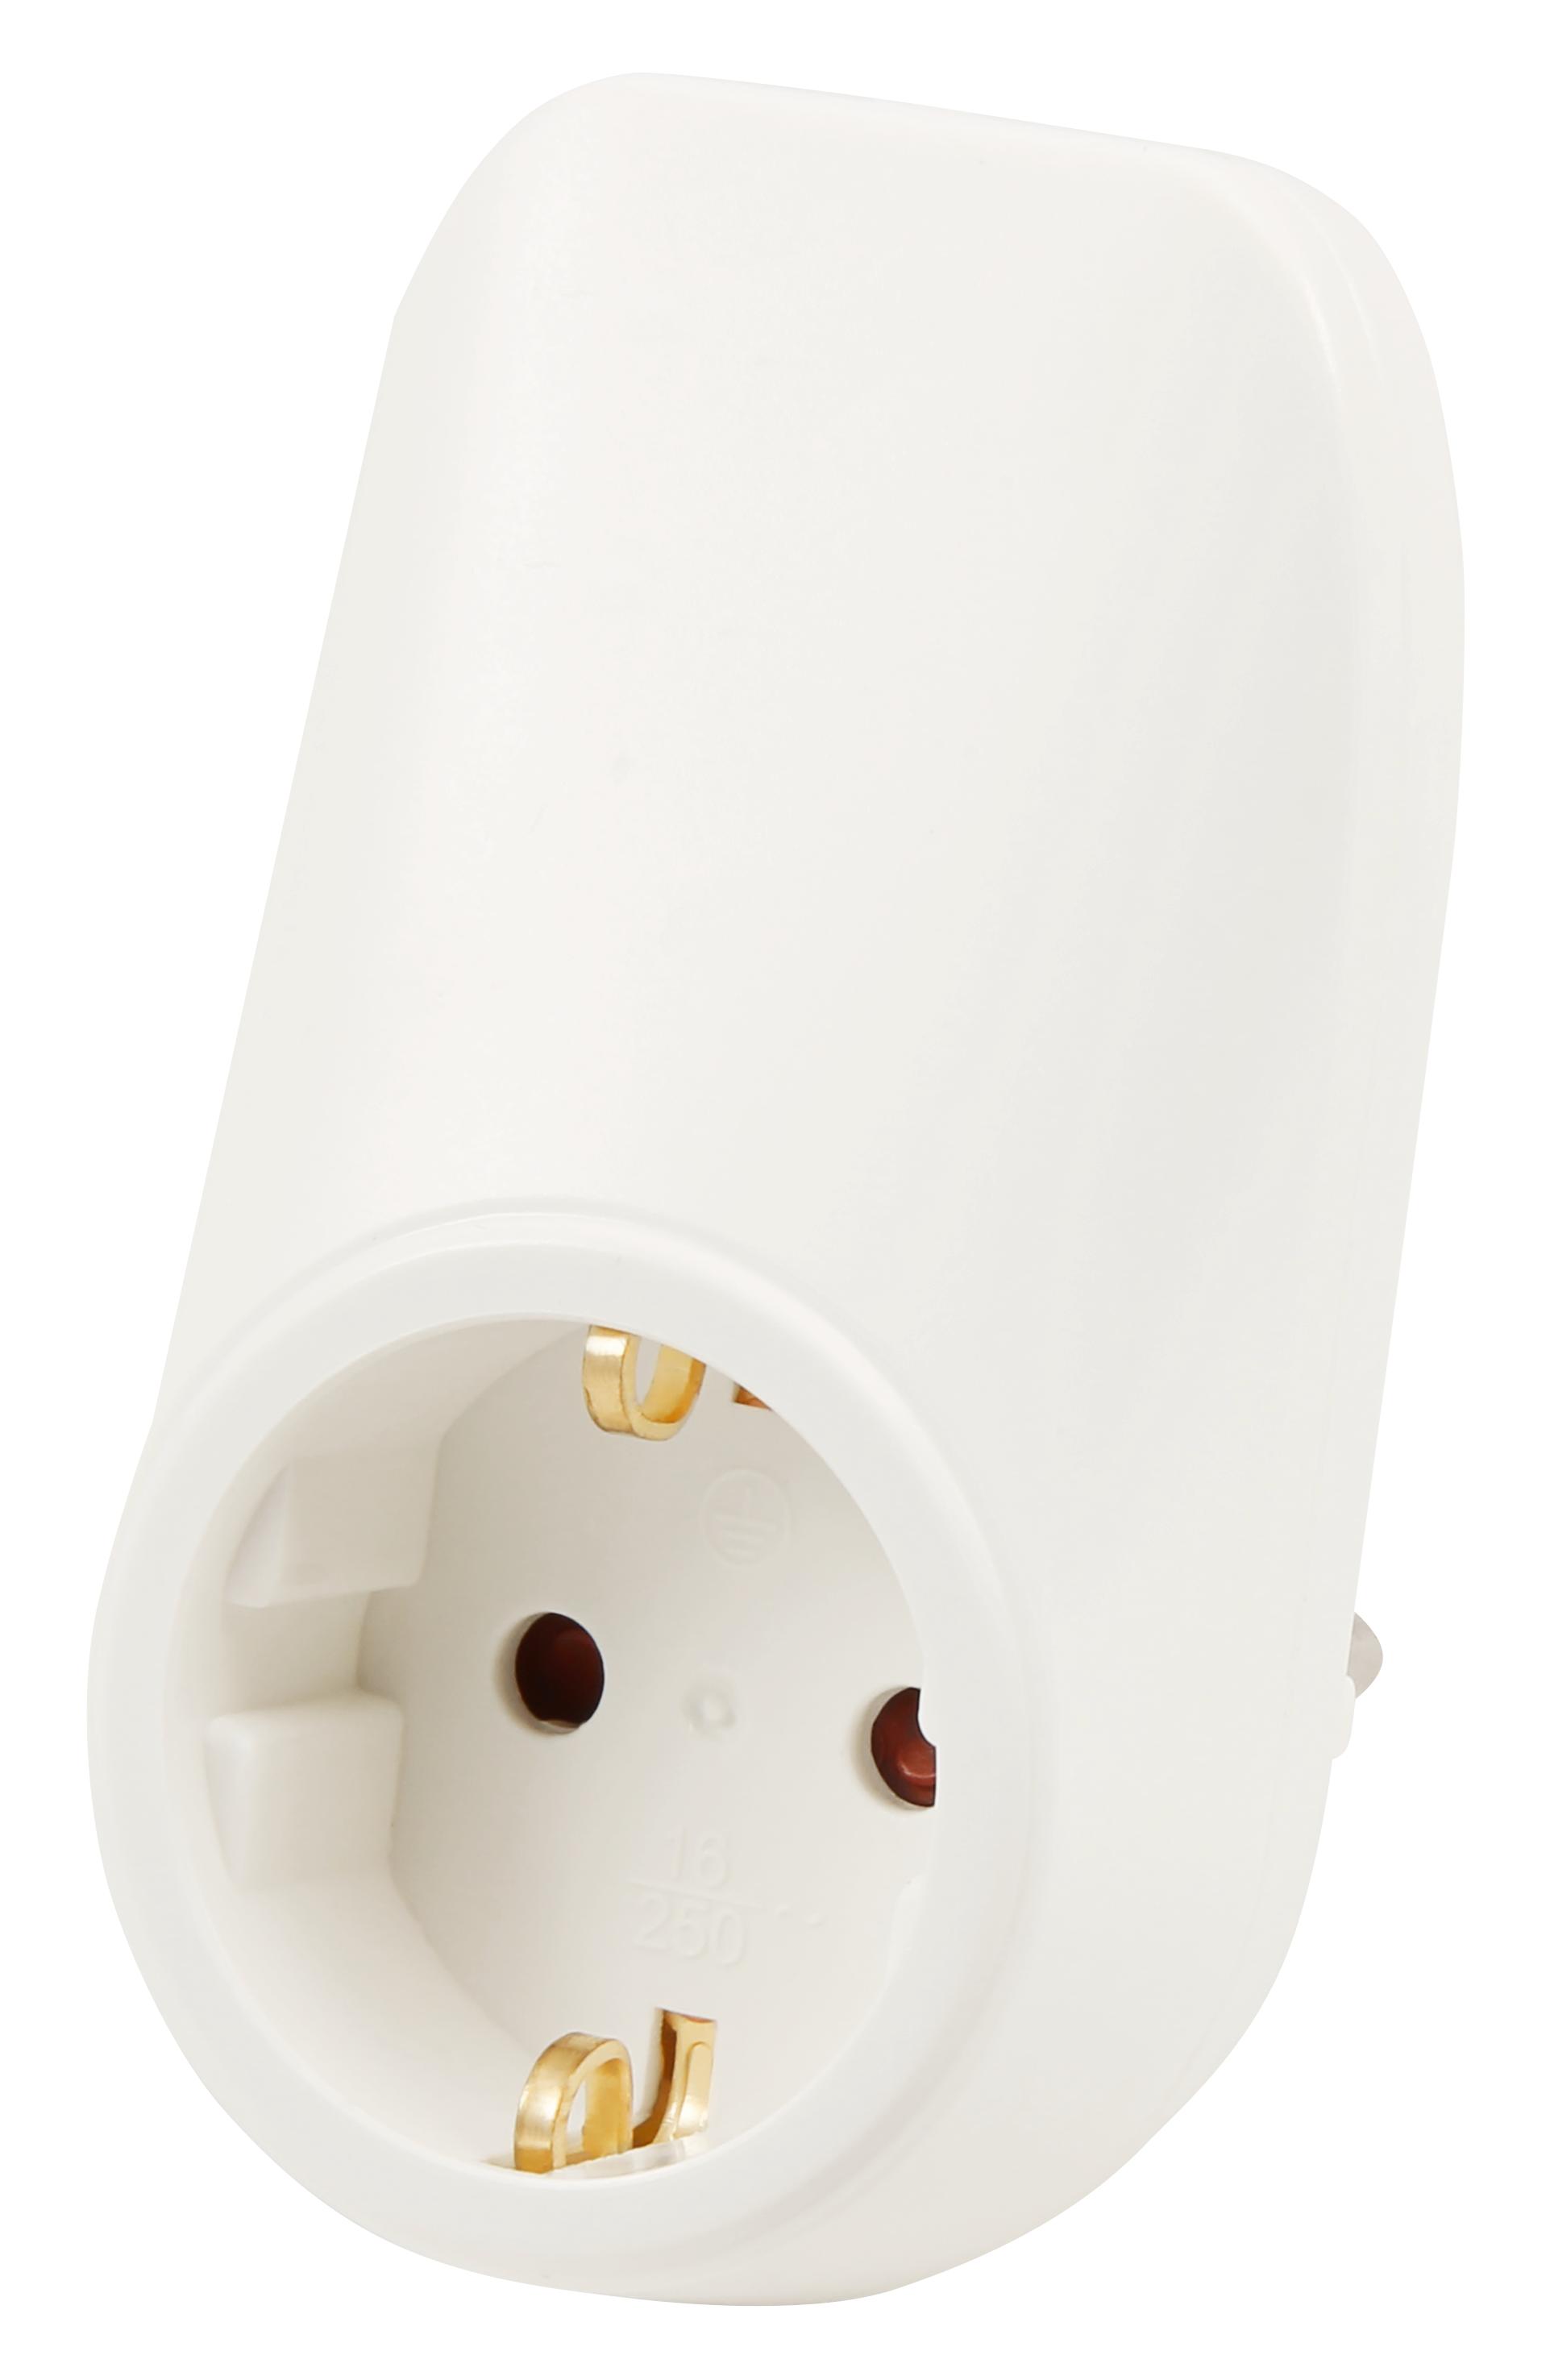 Zwischenstecker McPower, mit 2x USB, 5V max 2,1A, Steckdose 230V/16A